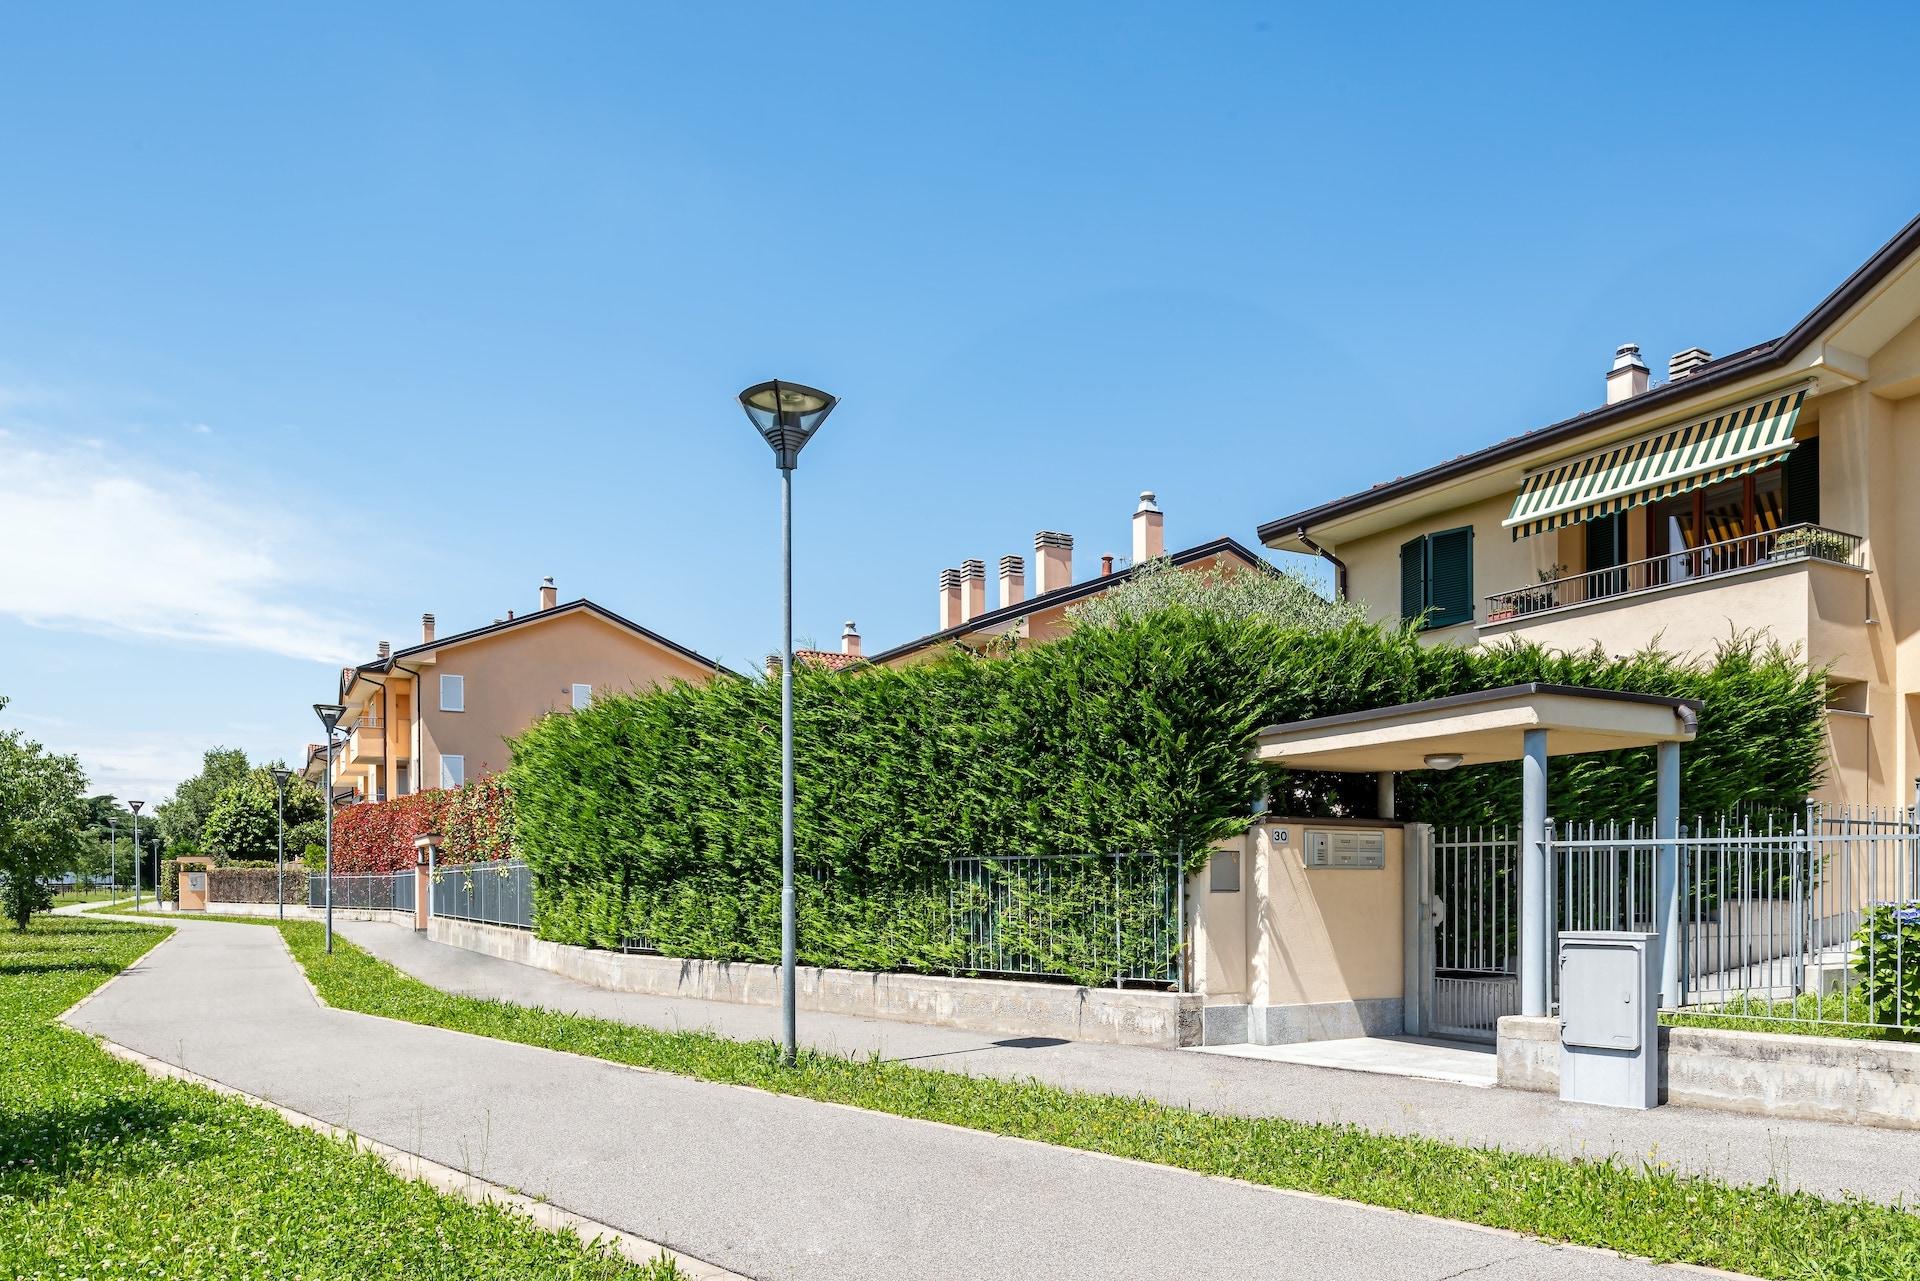 Condominio Il Melograno – Condominio Ai Boschi, via Tricino 89-89a-b-c e via dei Boschi 28-30-Nerviano (4)